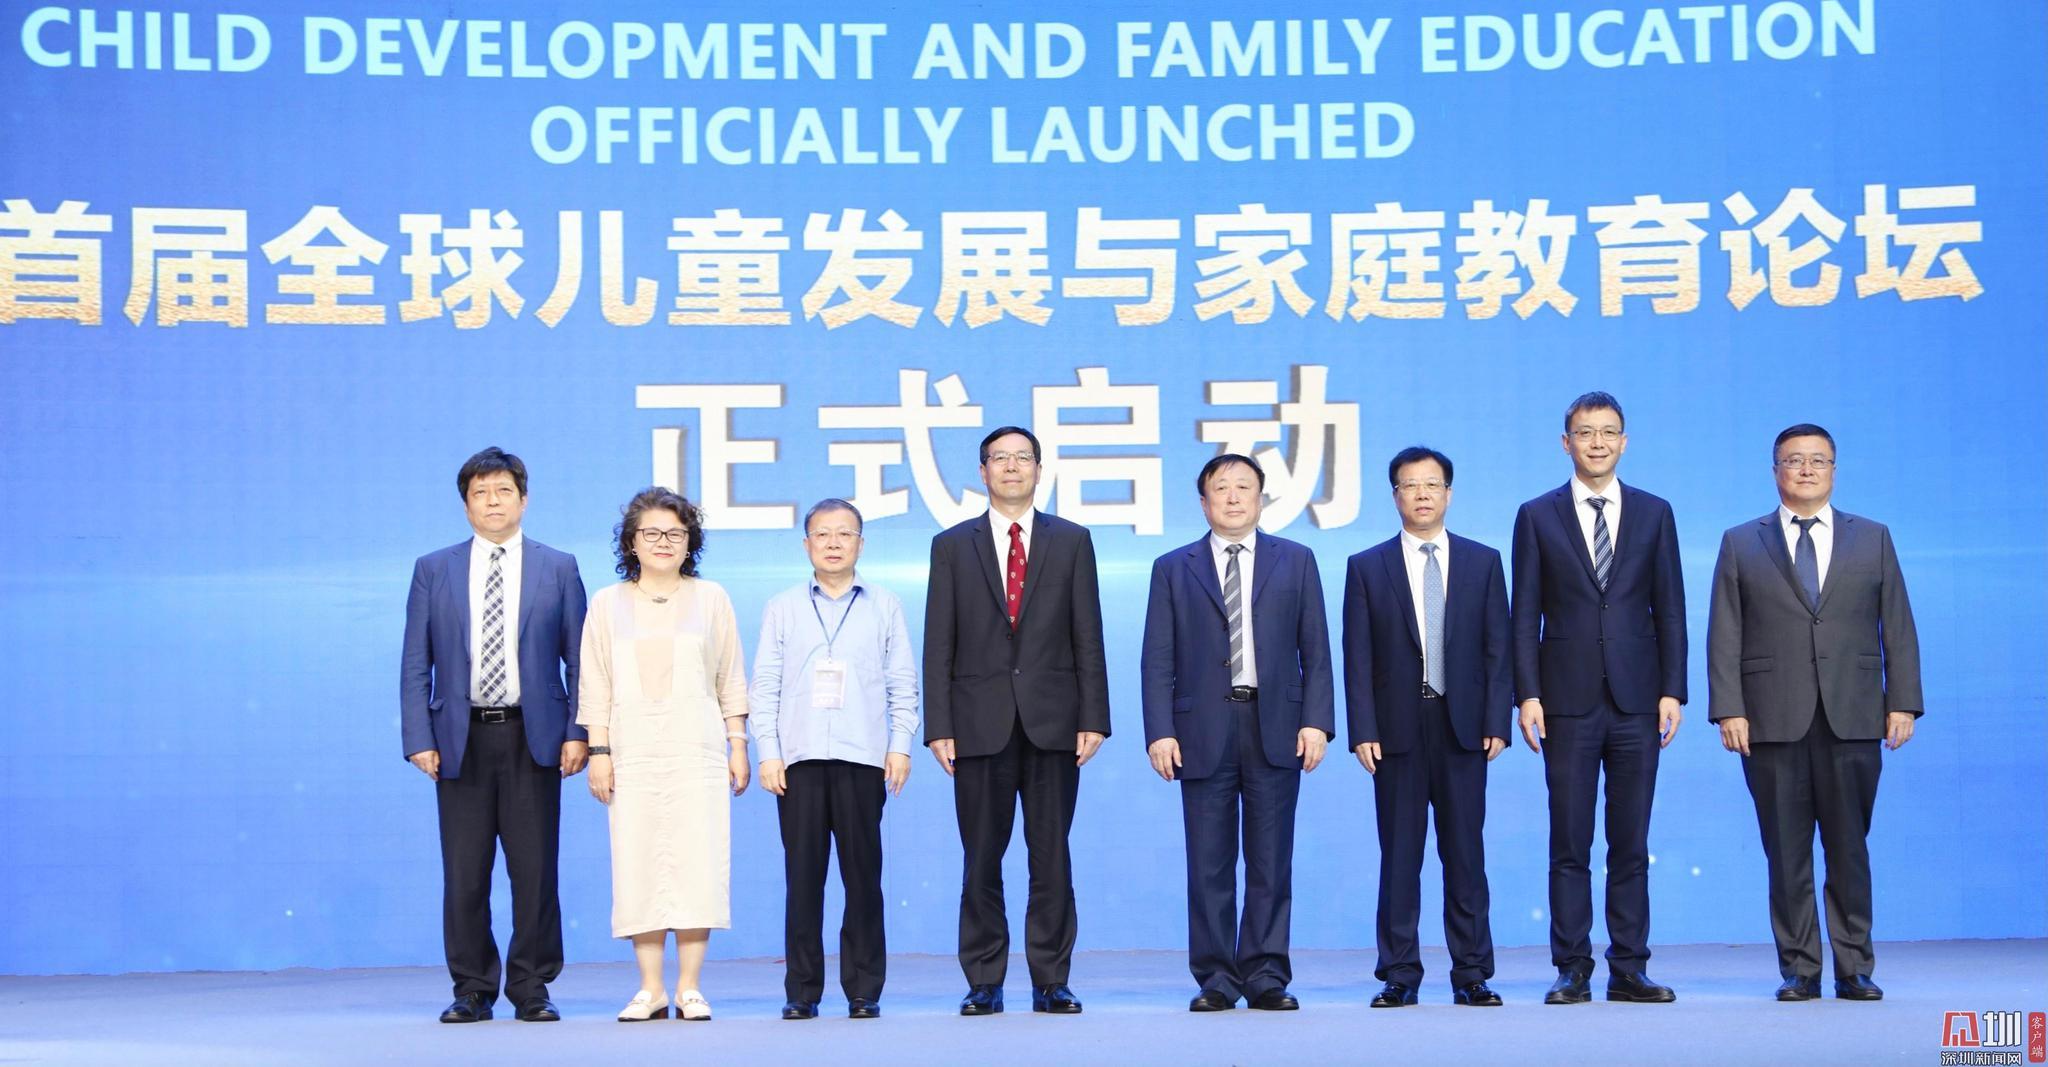 多元融合、协同与可持续:时代变化中的全球儿童发展与家庭教育——2021首届全球儿童发展与家庭教育论坛在深圳福田举行